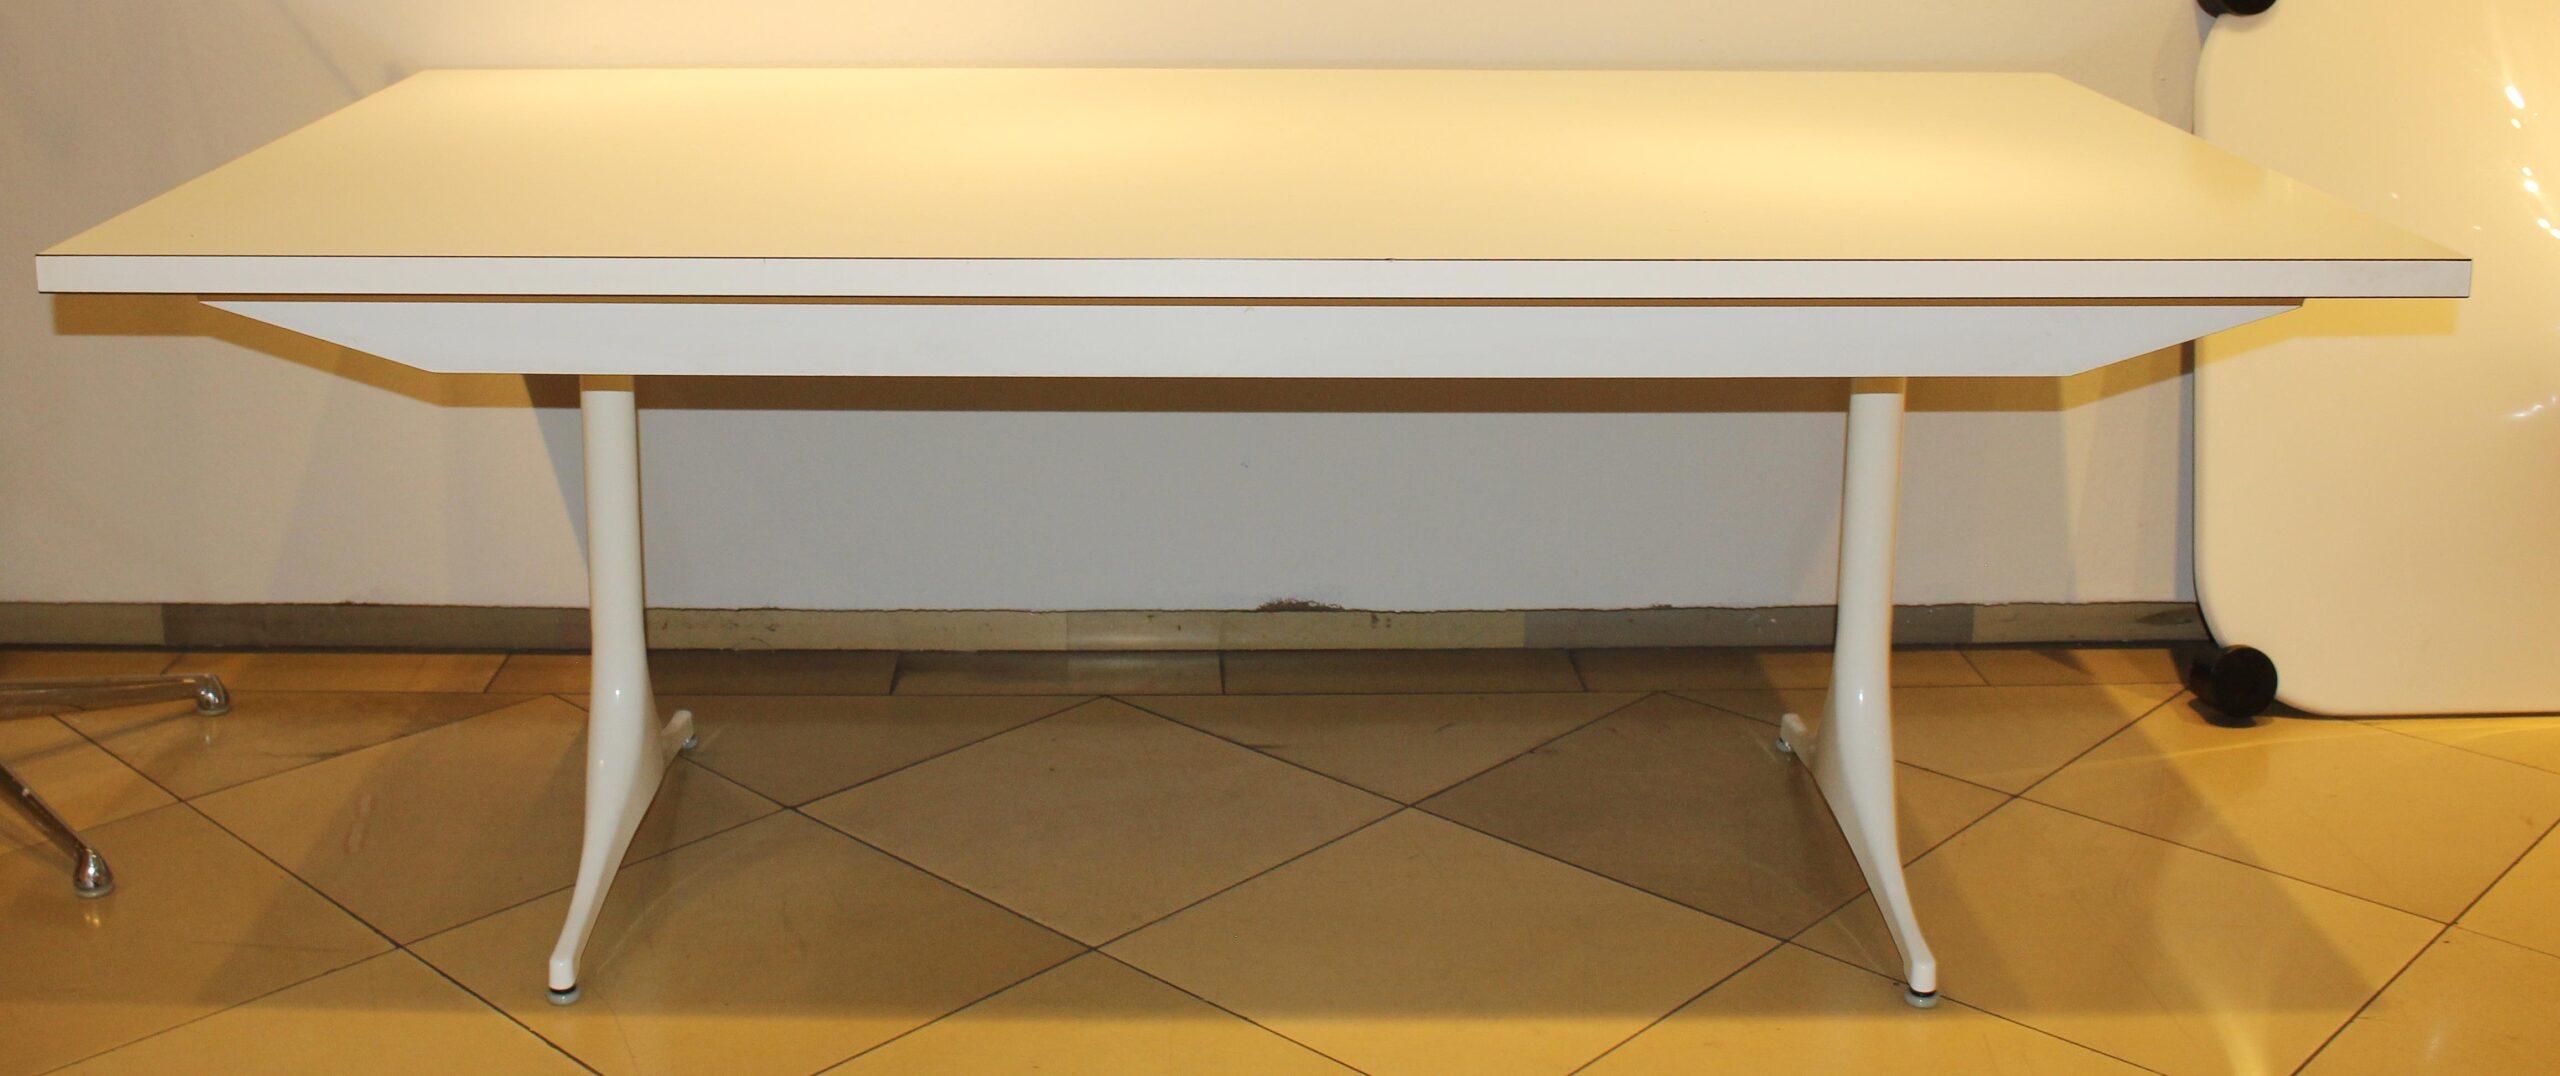 Full Size of Groer Esstisch Konferenztisch Antik Esstischstühle Sofa Für Esstische Massiv Beton 80x80 Großer Ausziehbar Mit Stühlen Vintage Weiss Landhausstil Venjakob Esstische Großer Esstisch